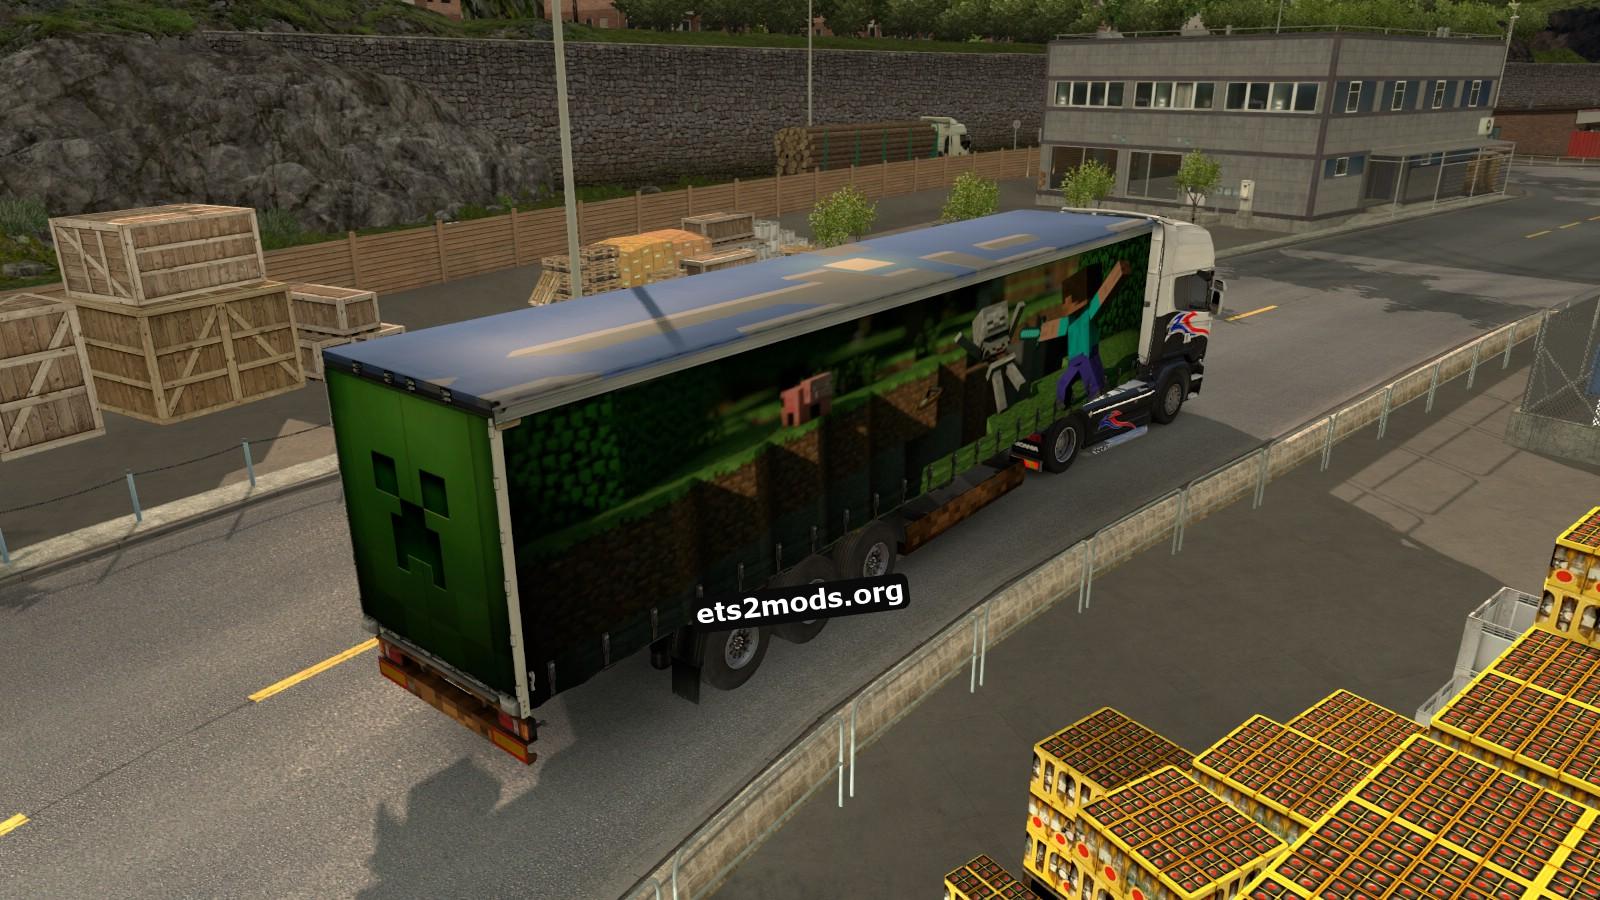 ETS2 Minecraft trailer mod